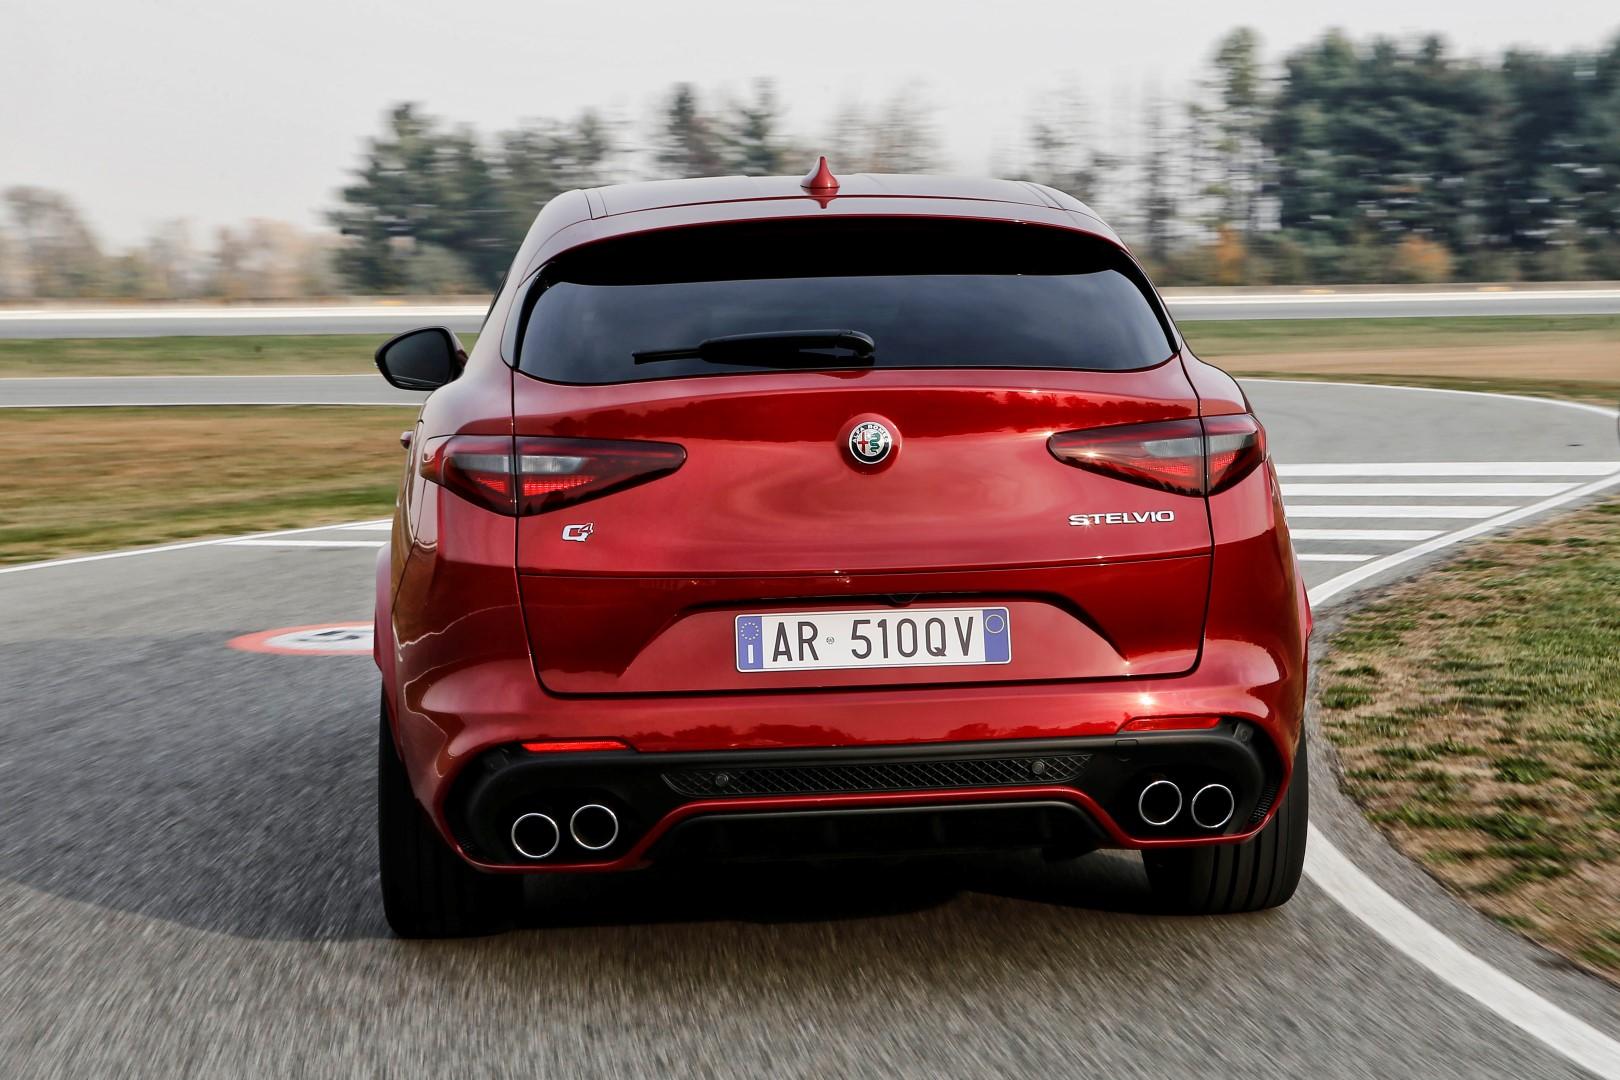 Fotospecial: Alfa Romeo Stelvio Quadrifoglio ...